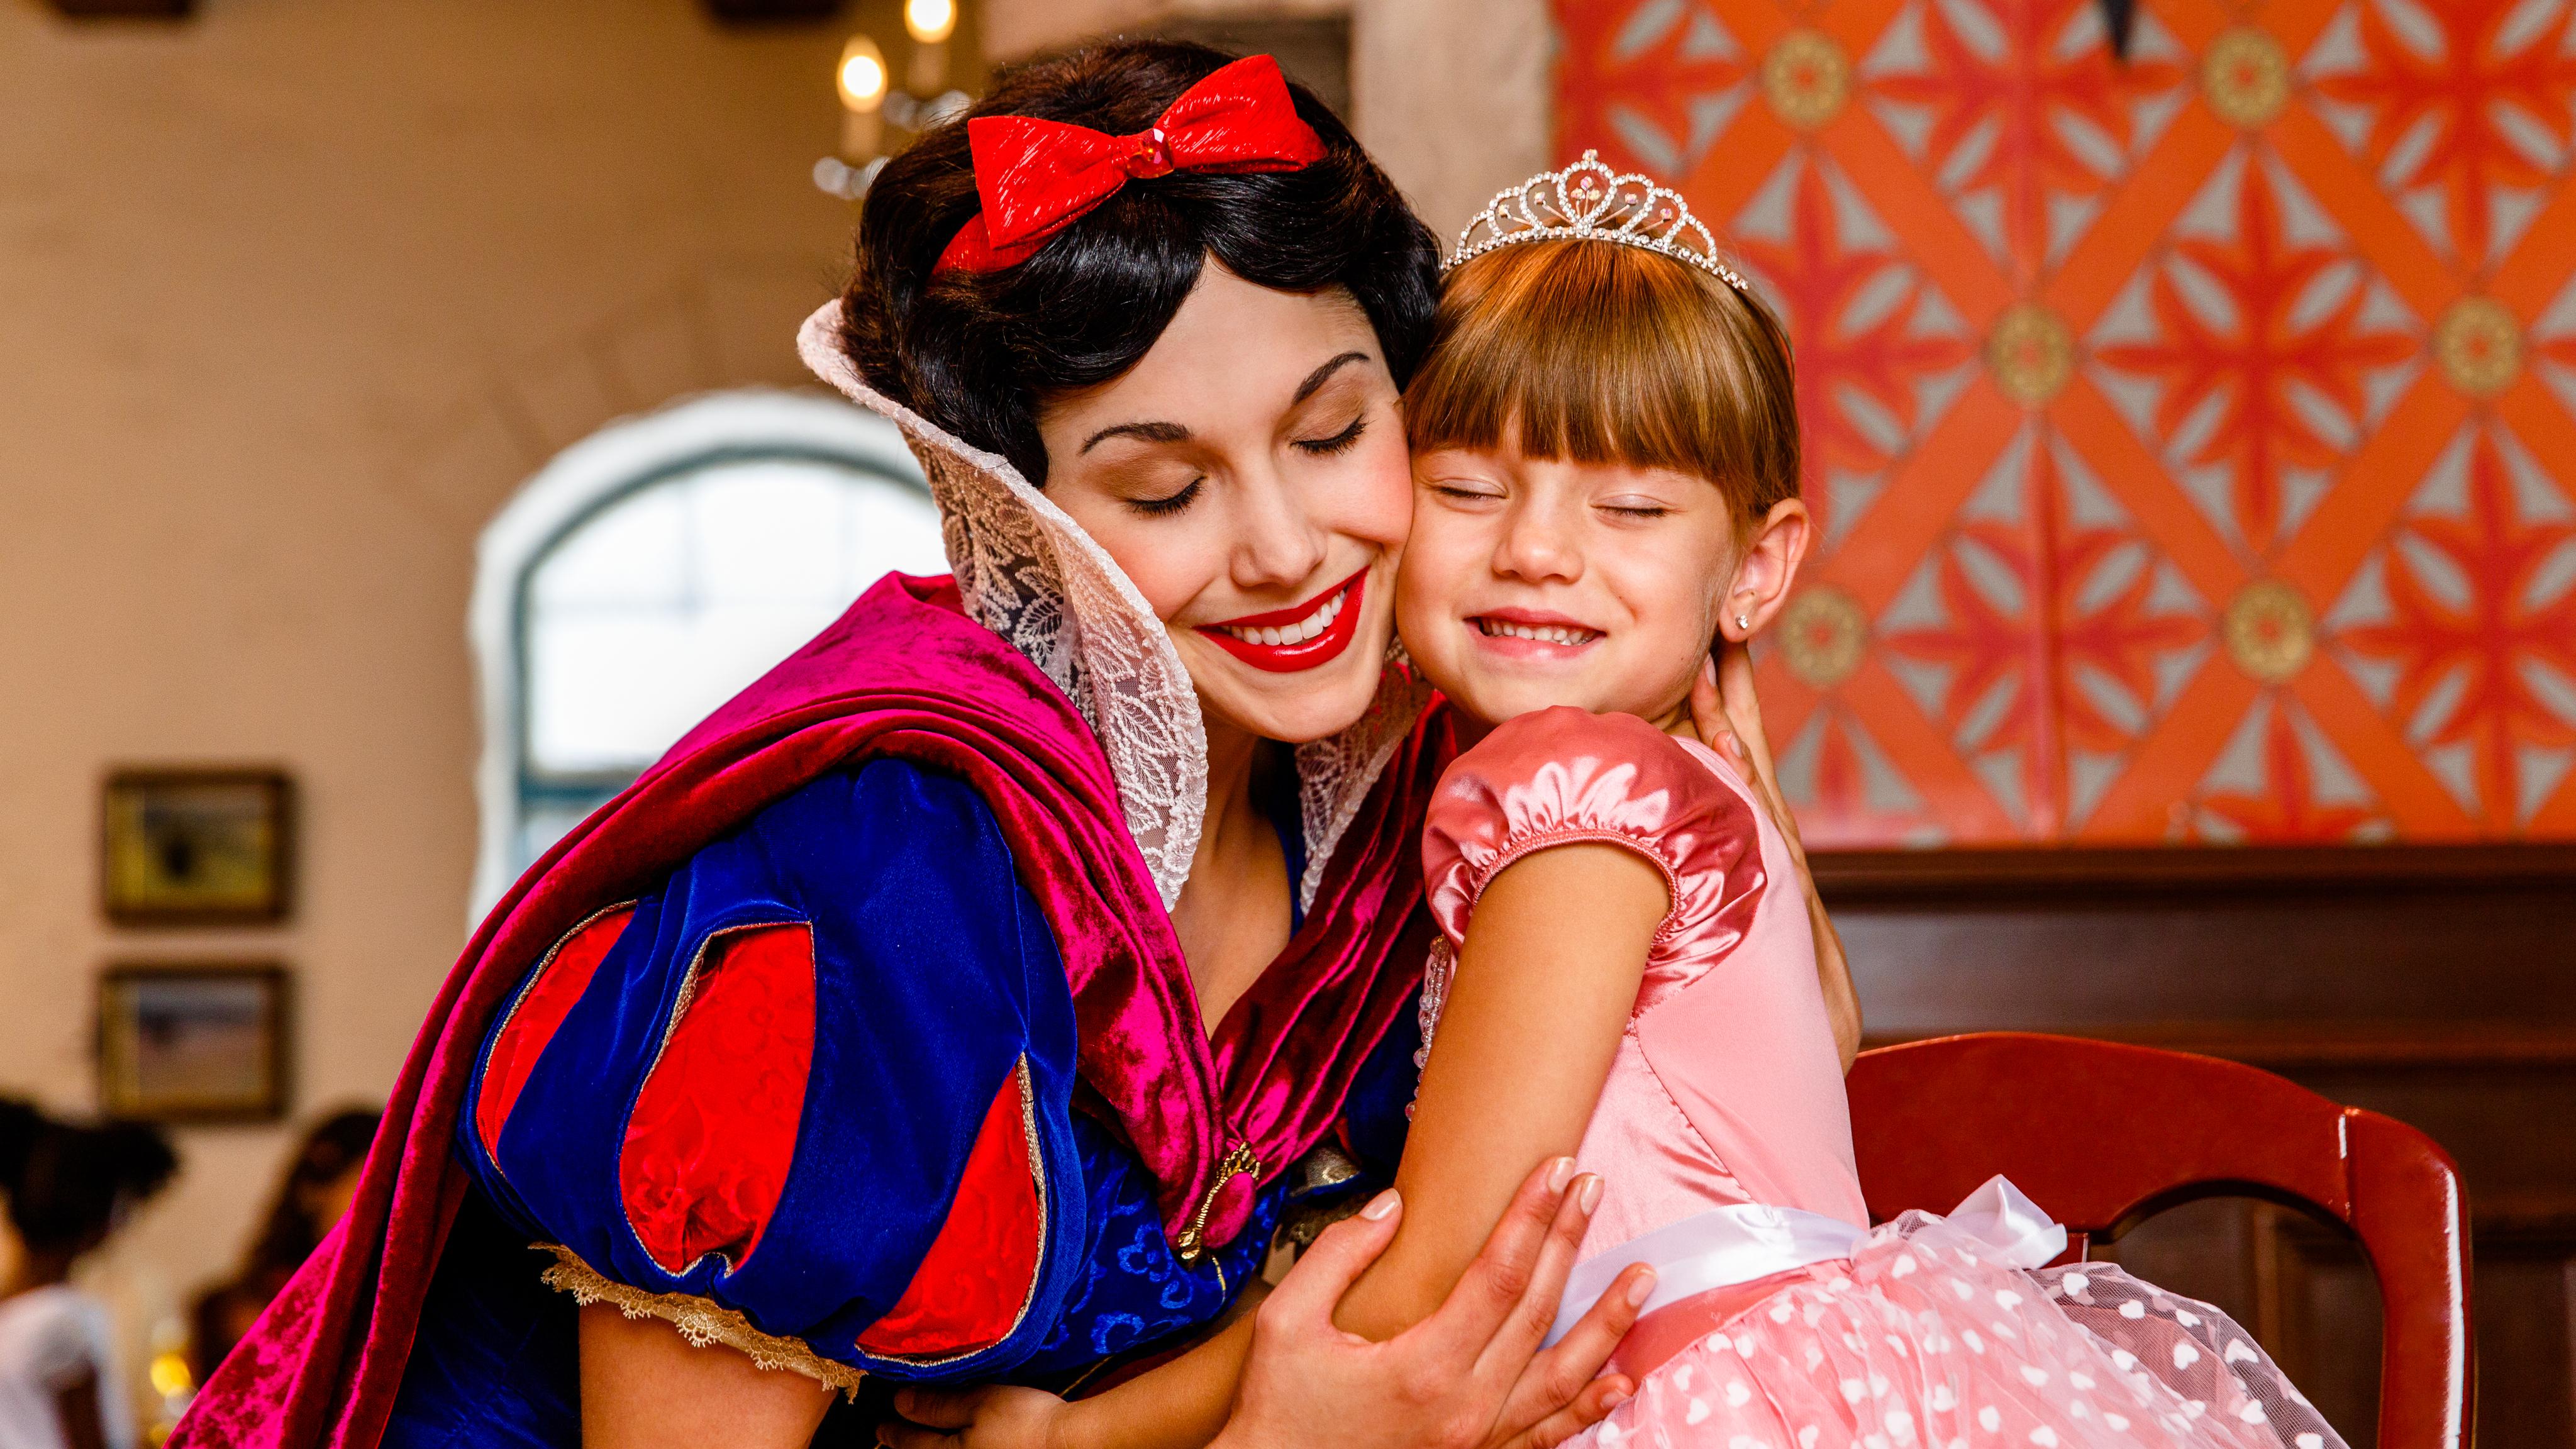 Princess Storybook Dining at Disney World